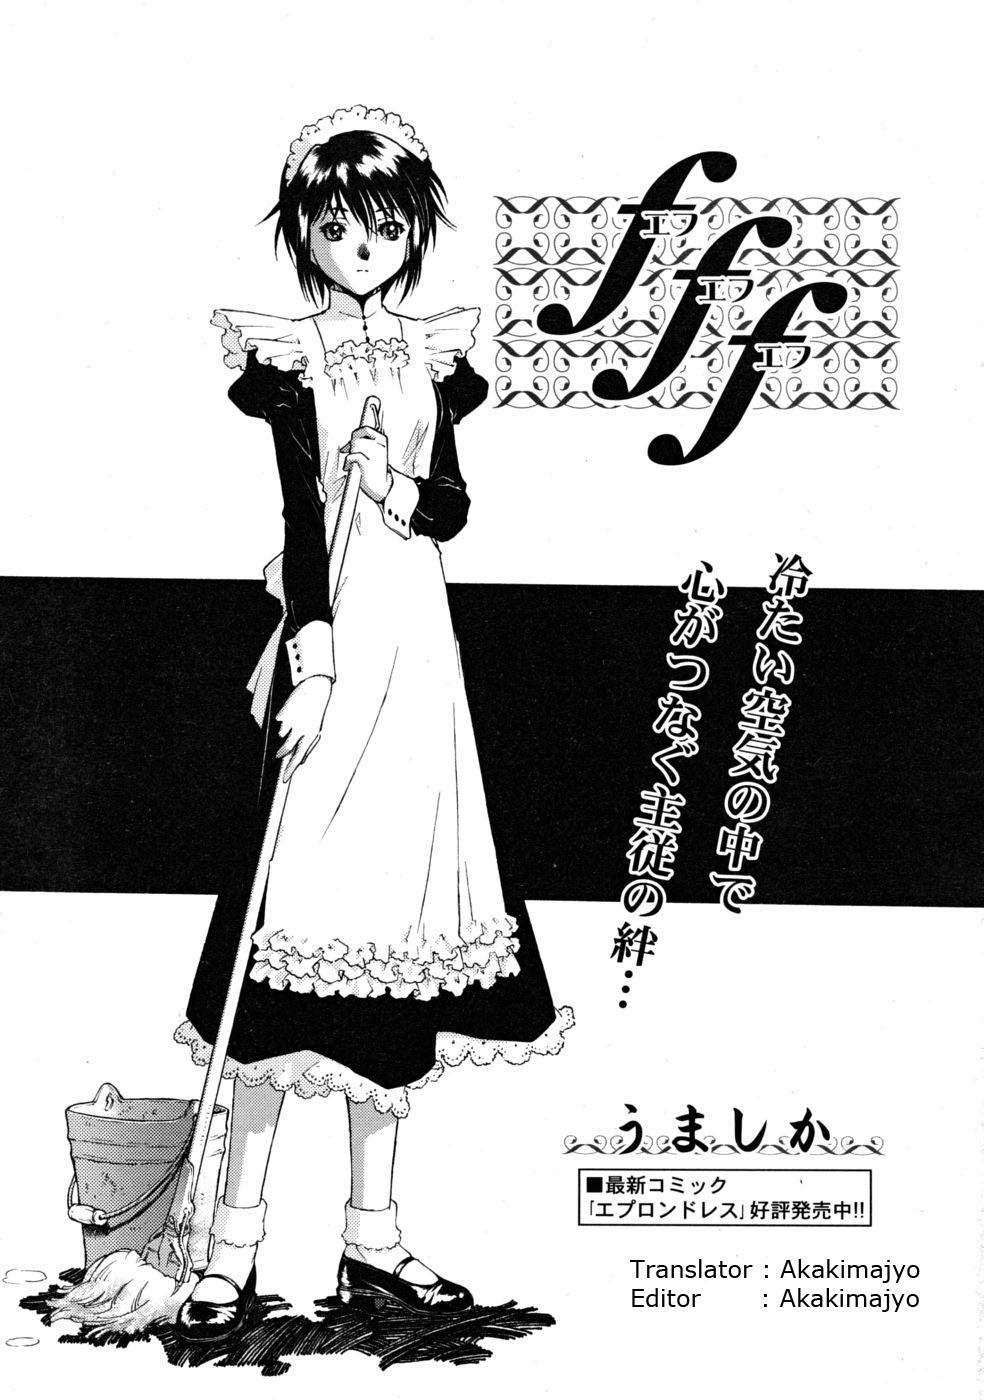 Umashika - FFF Chapter 01 0